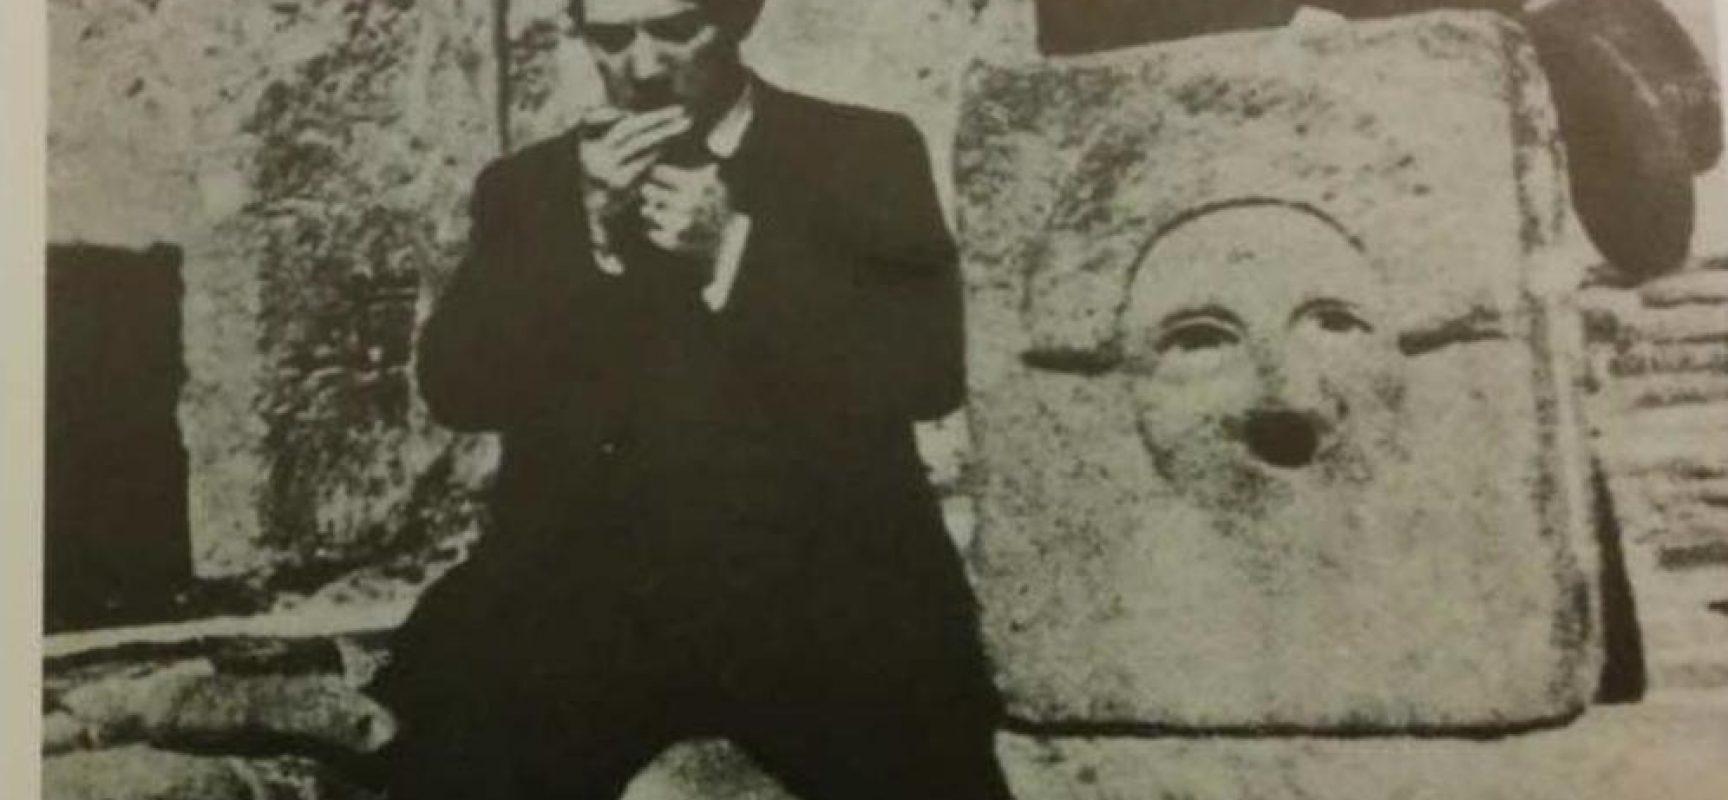 Pablo Picasso e Léonide Massine a Pompei (1917) fotografia, Collezione Boris Kochno, Parigi